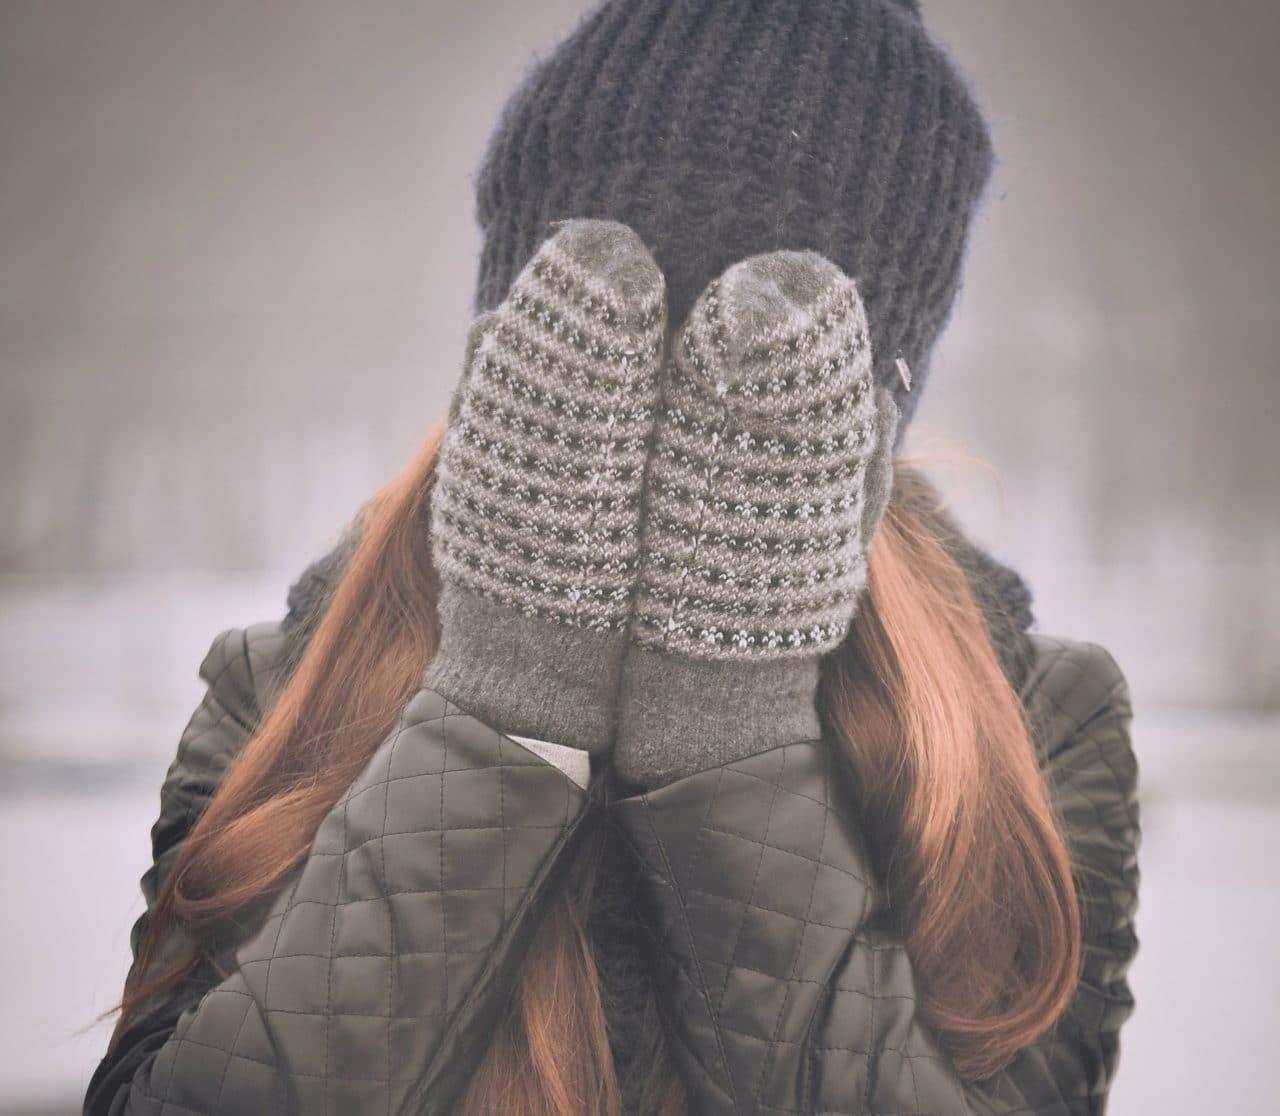 Unngå forkjølelse